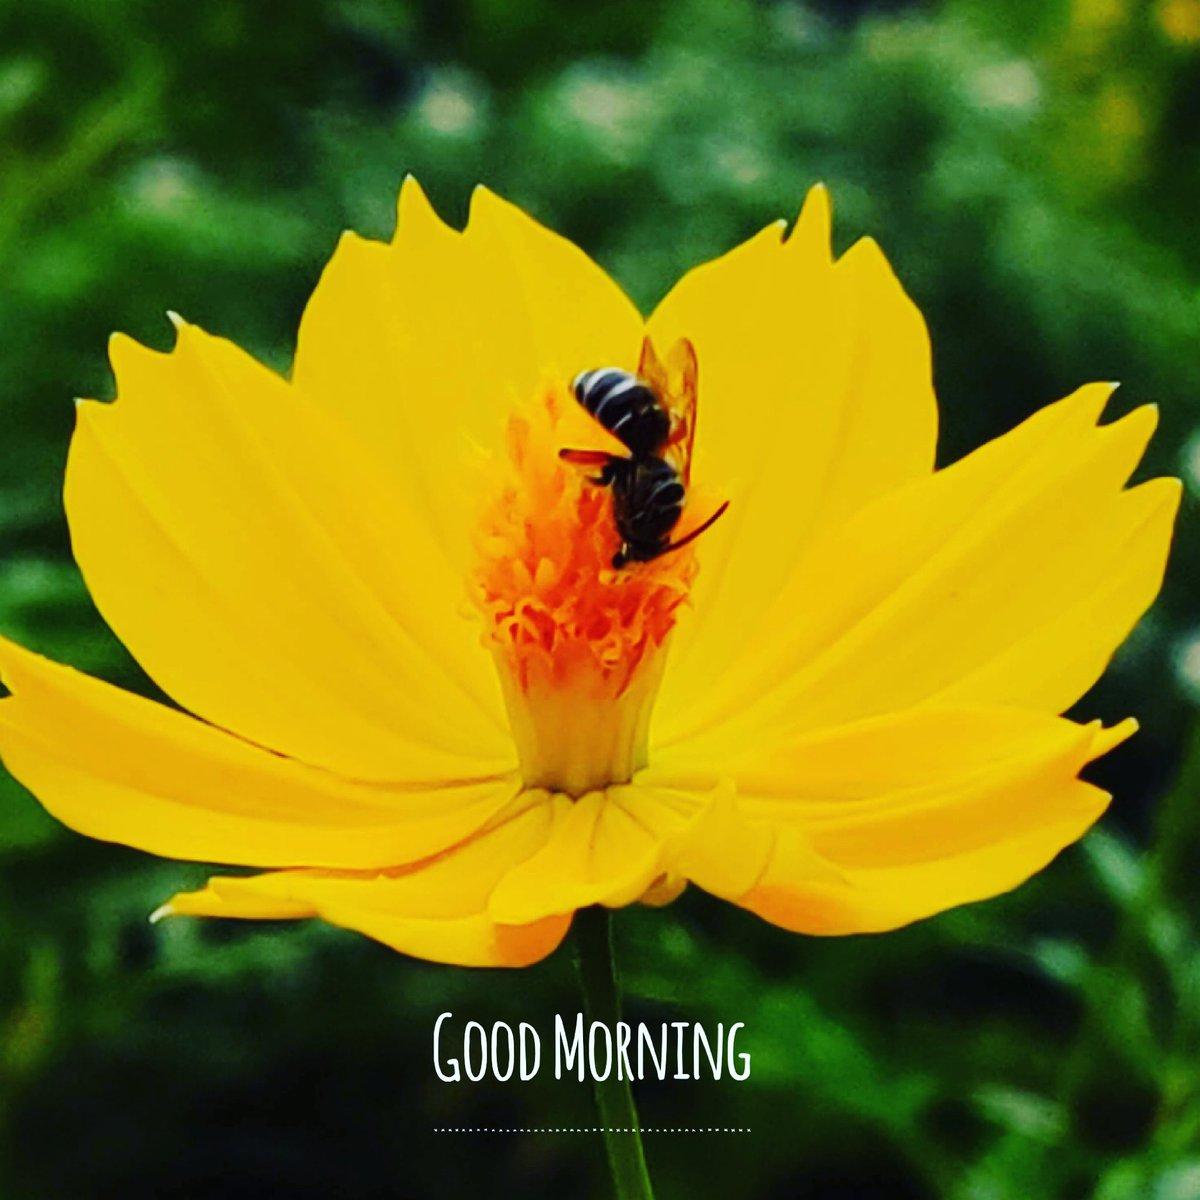 The power of imagination makes us infinite. Good Morning & happy Sunday.  —— #goodmorning #sundayfunday #motivationalquotes #thoughtoftheday #flower #earlymorning #pleasant #morningmotivation #morninginspiration https://t.co/n6bwPlUGAM